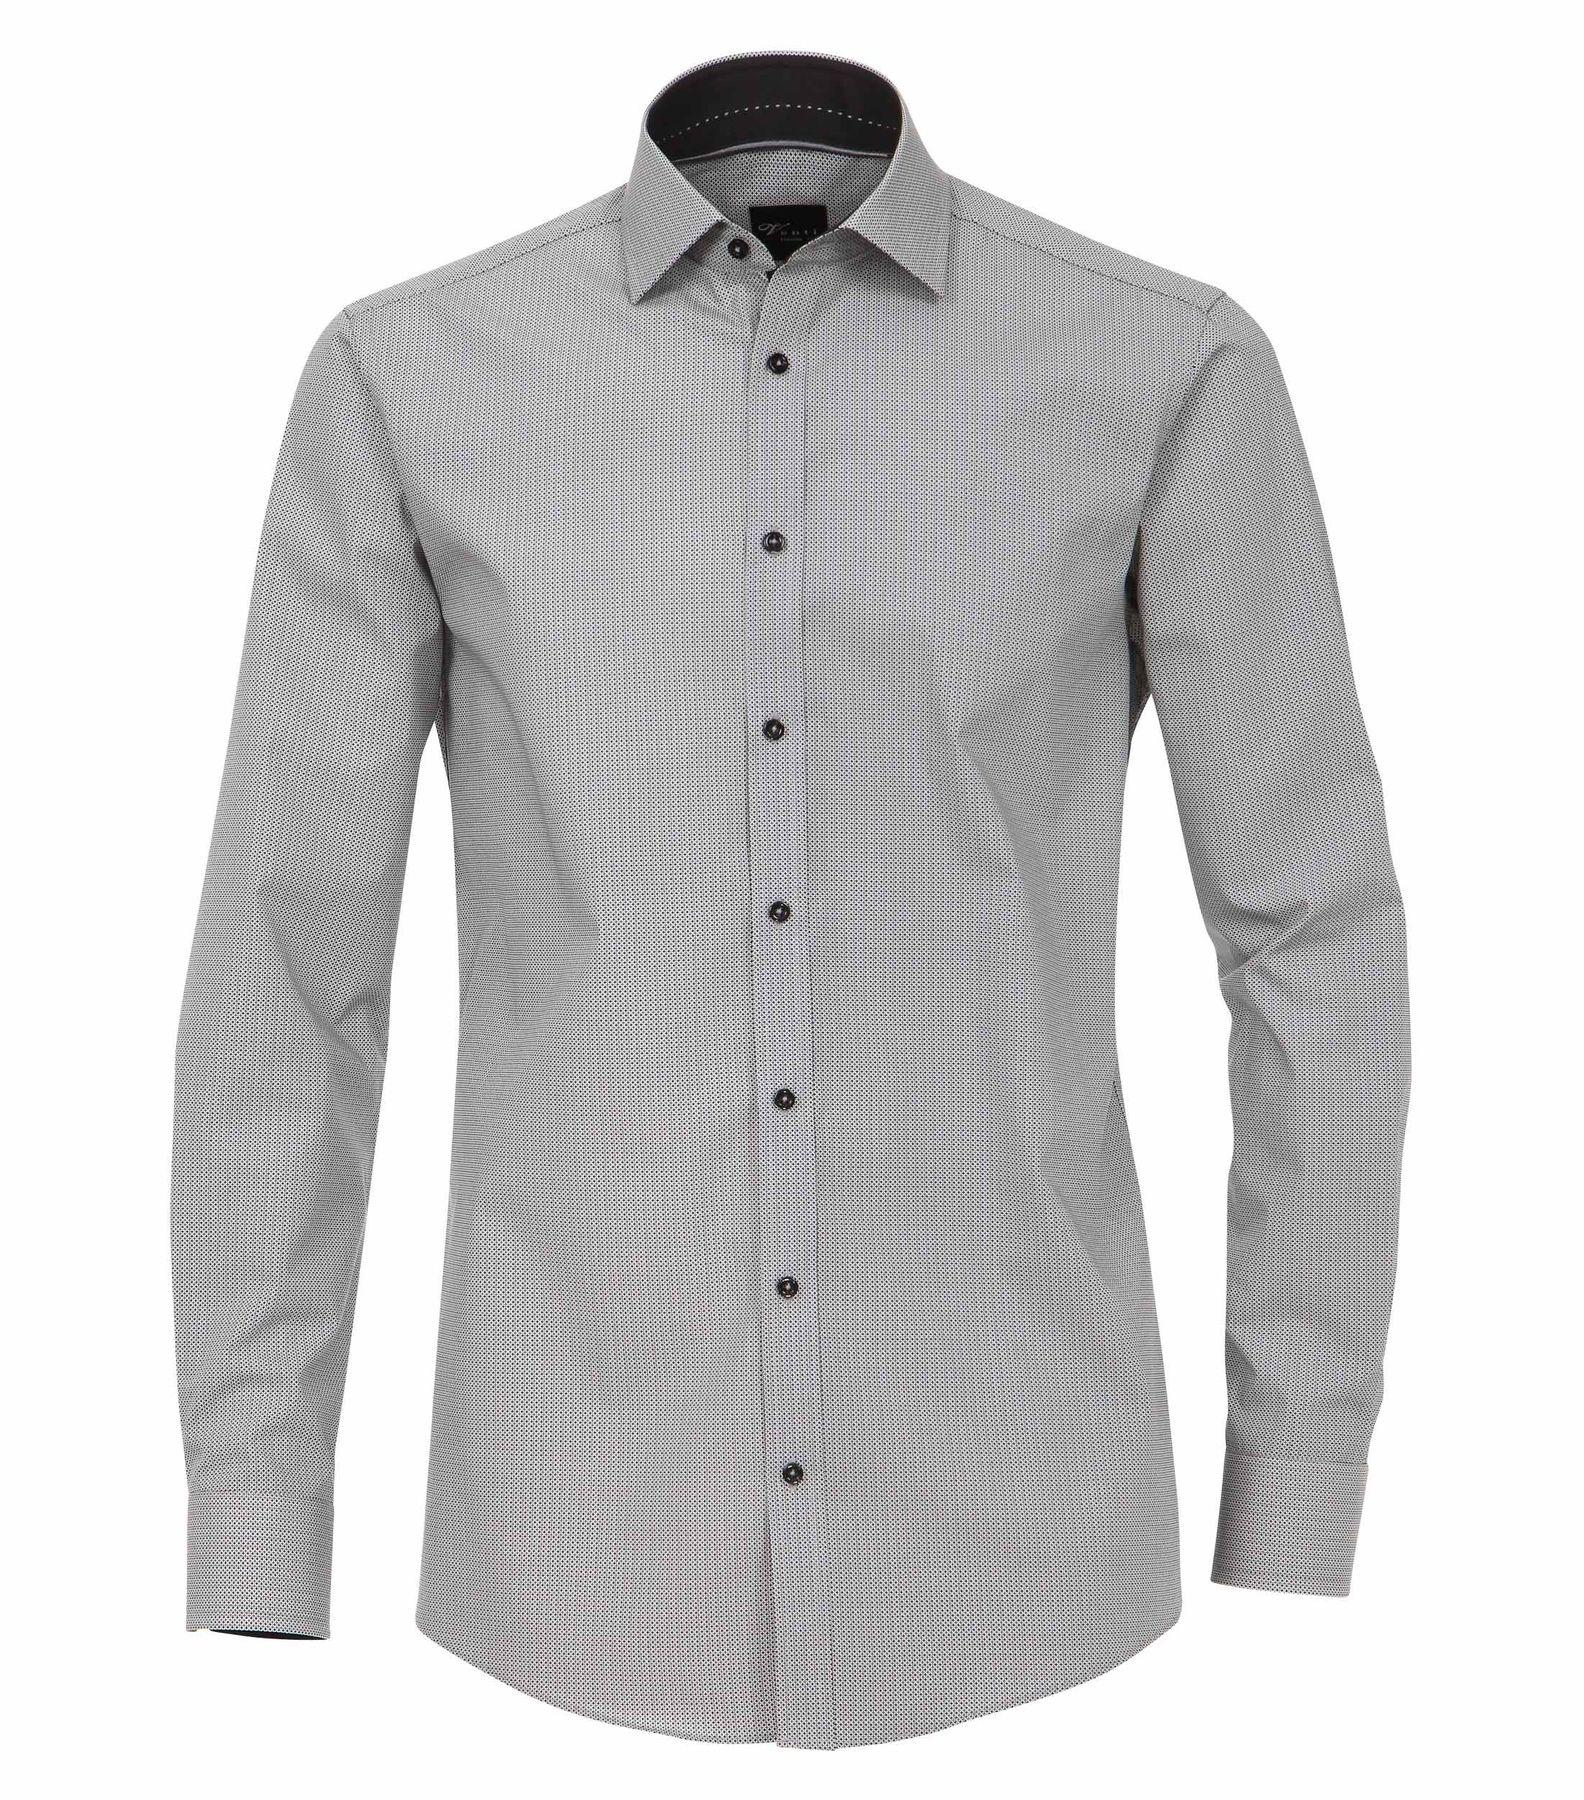 Venti - Slim Fit - Herren Struktur Hemd mit modischem Druck (172678800) – Bild 2